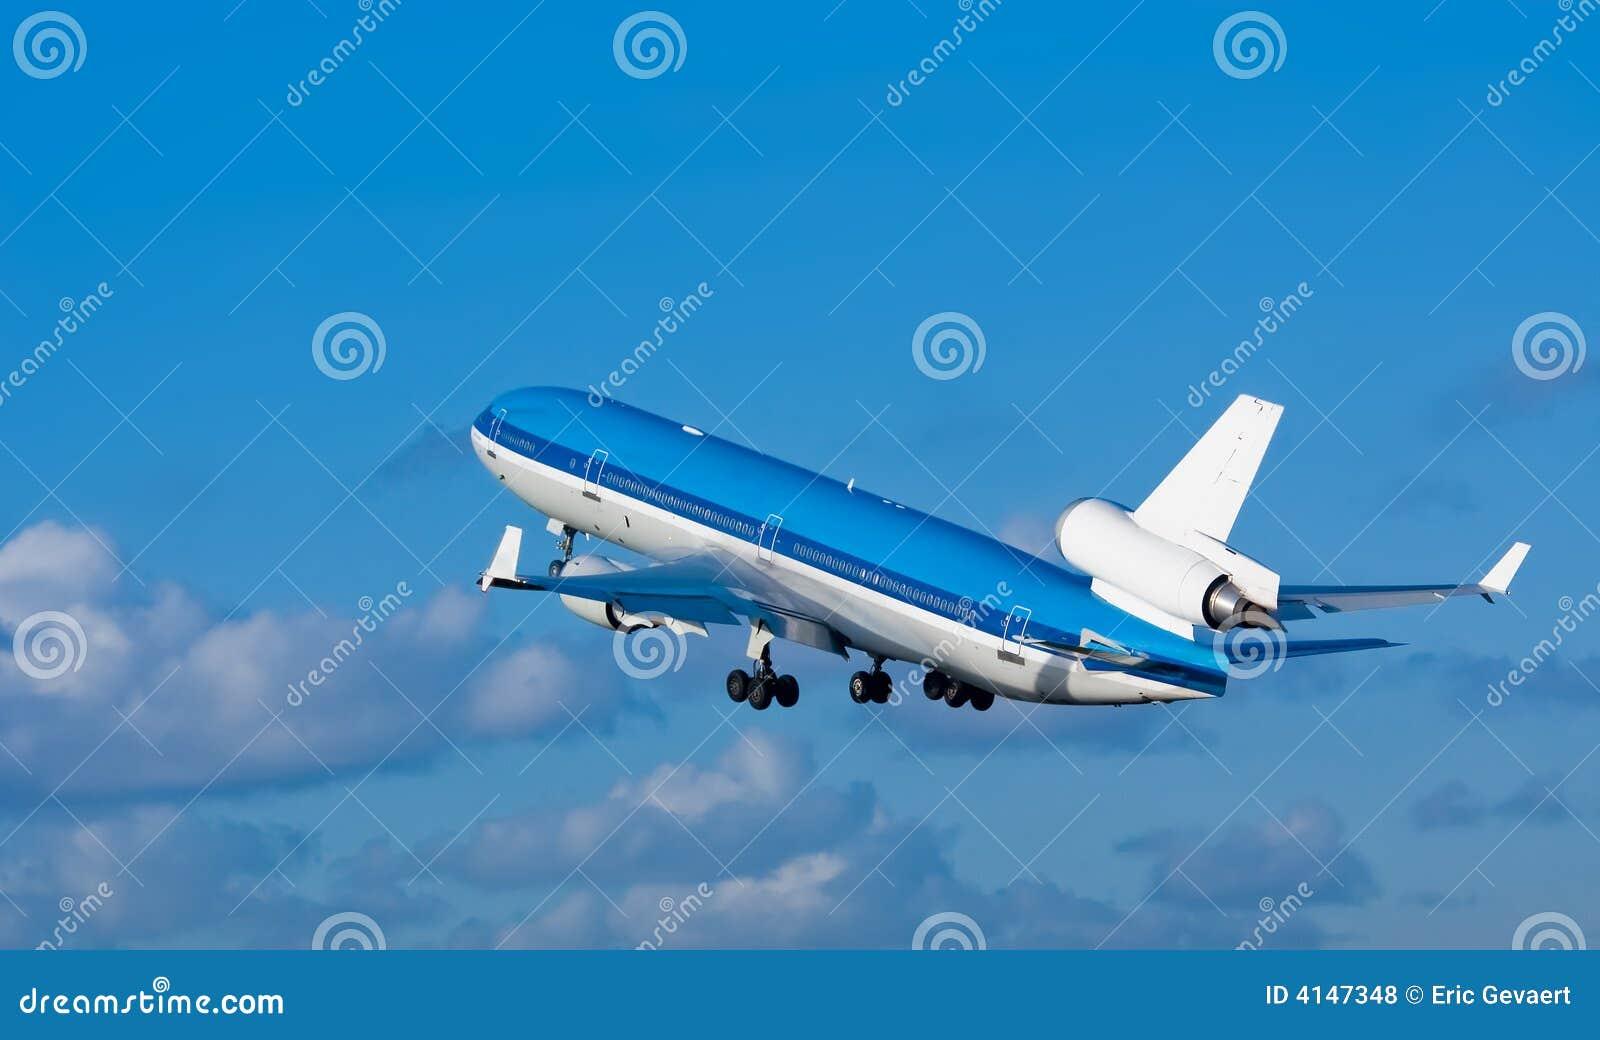 Plane take off